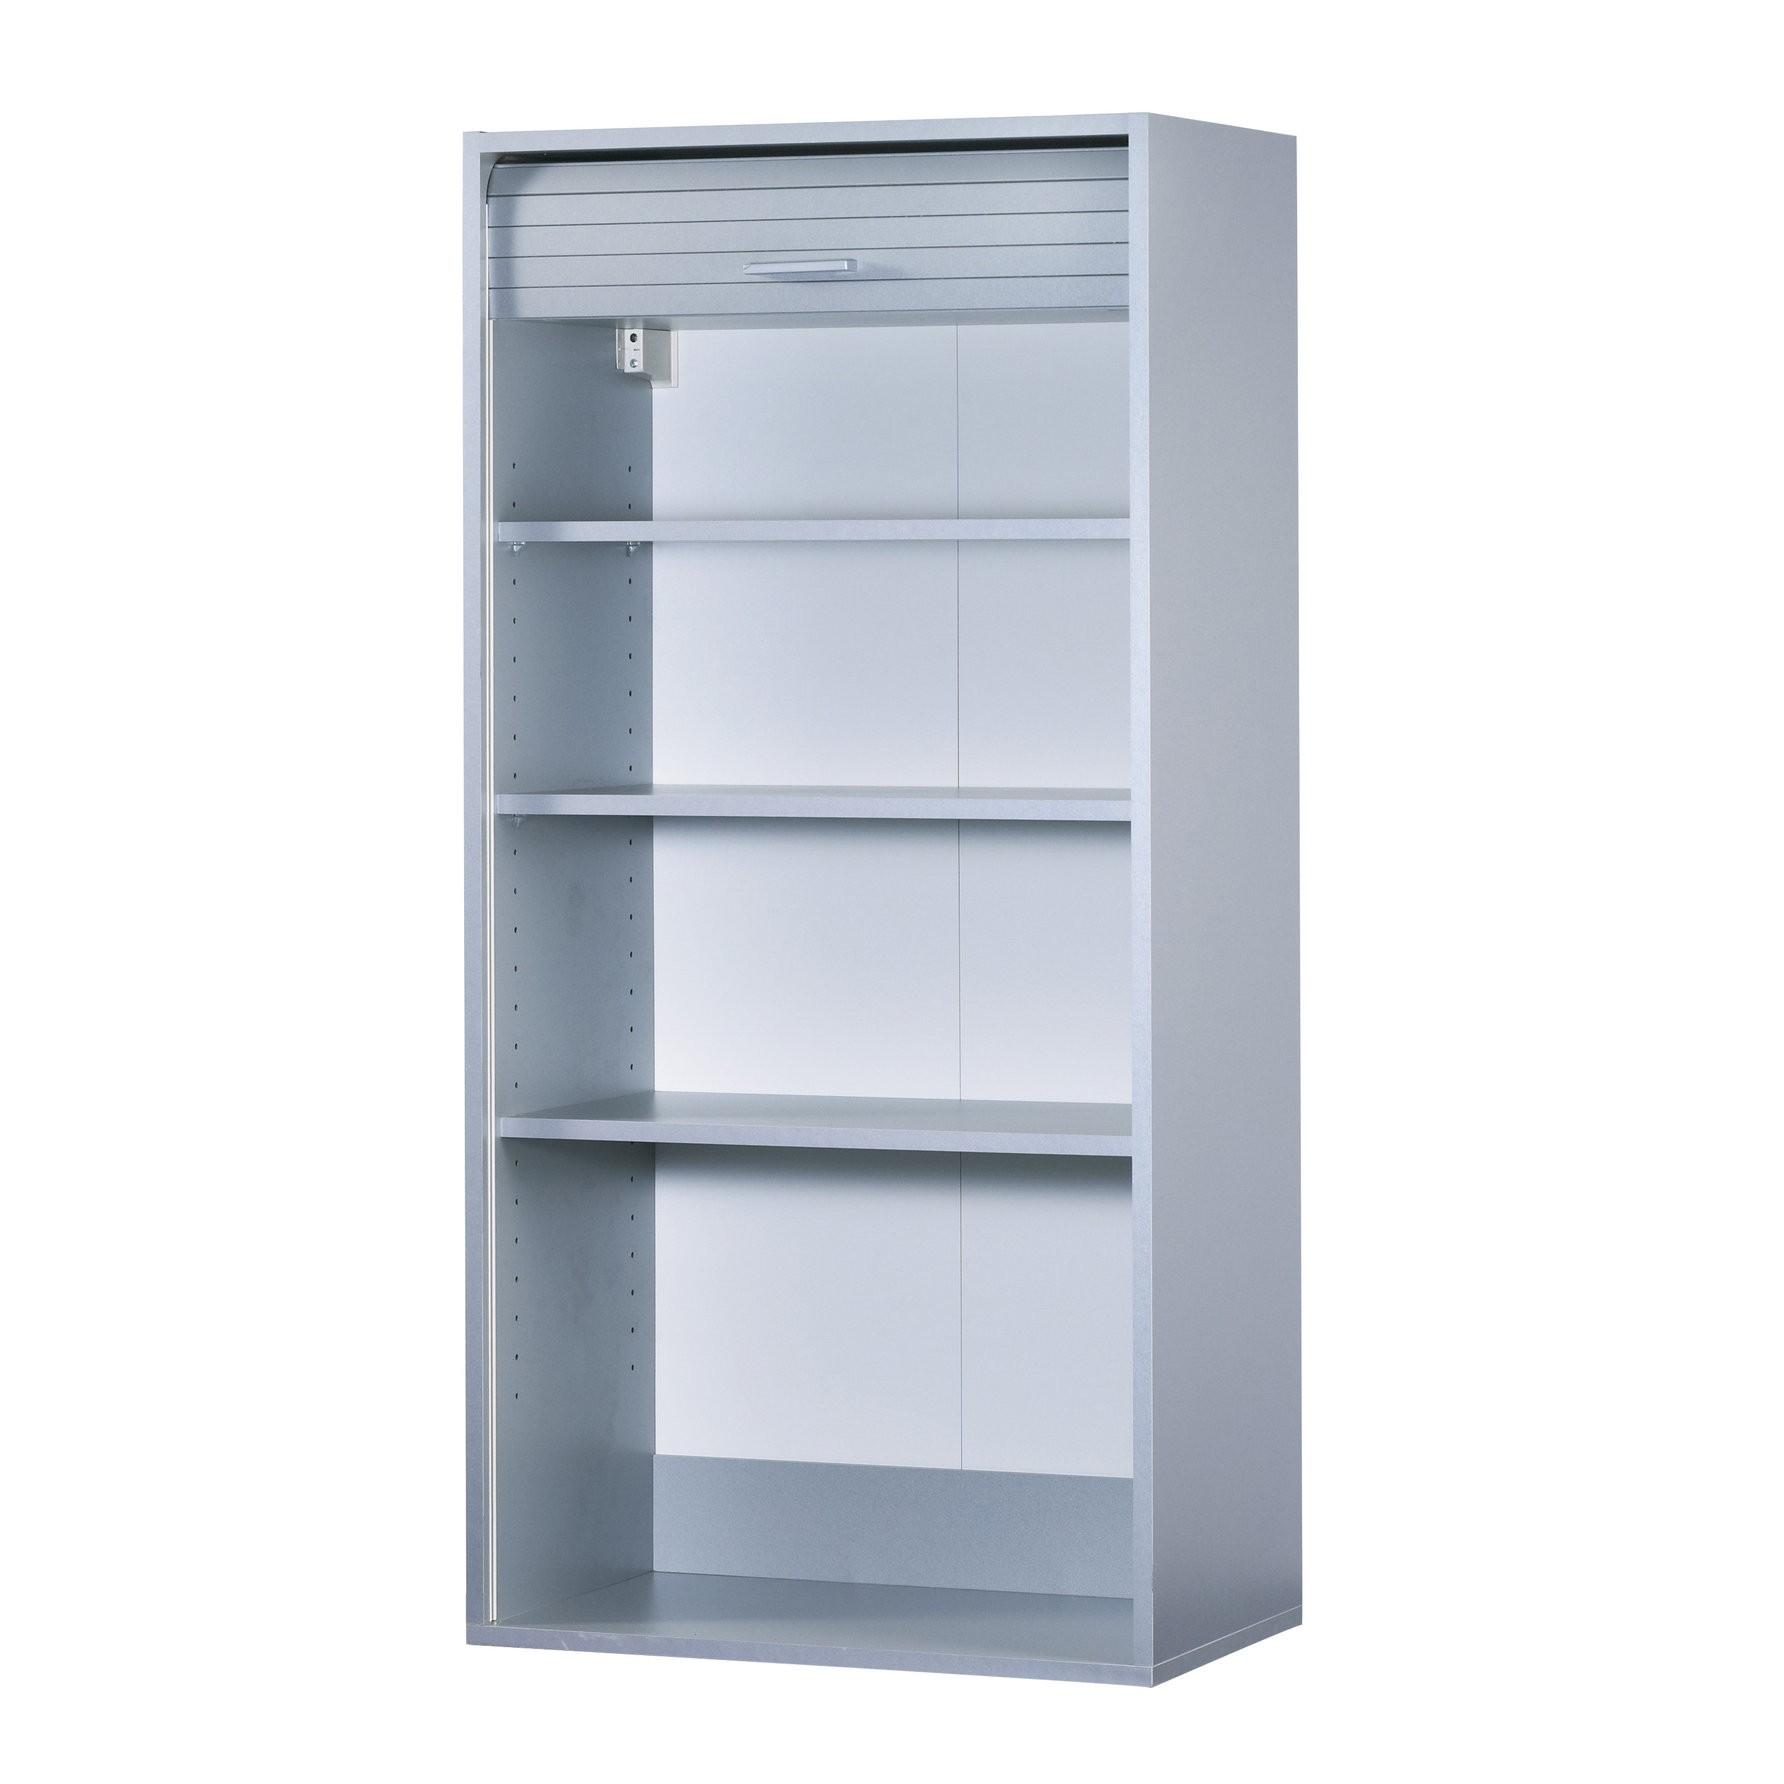 grand meuble rangement cuisine mcu 0101 2250 p05 element pour avec rideau coulissant h1236cm cook